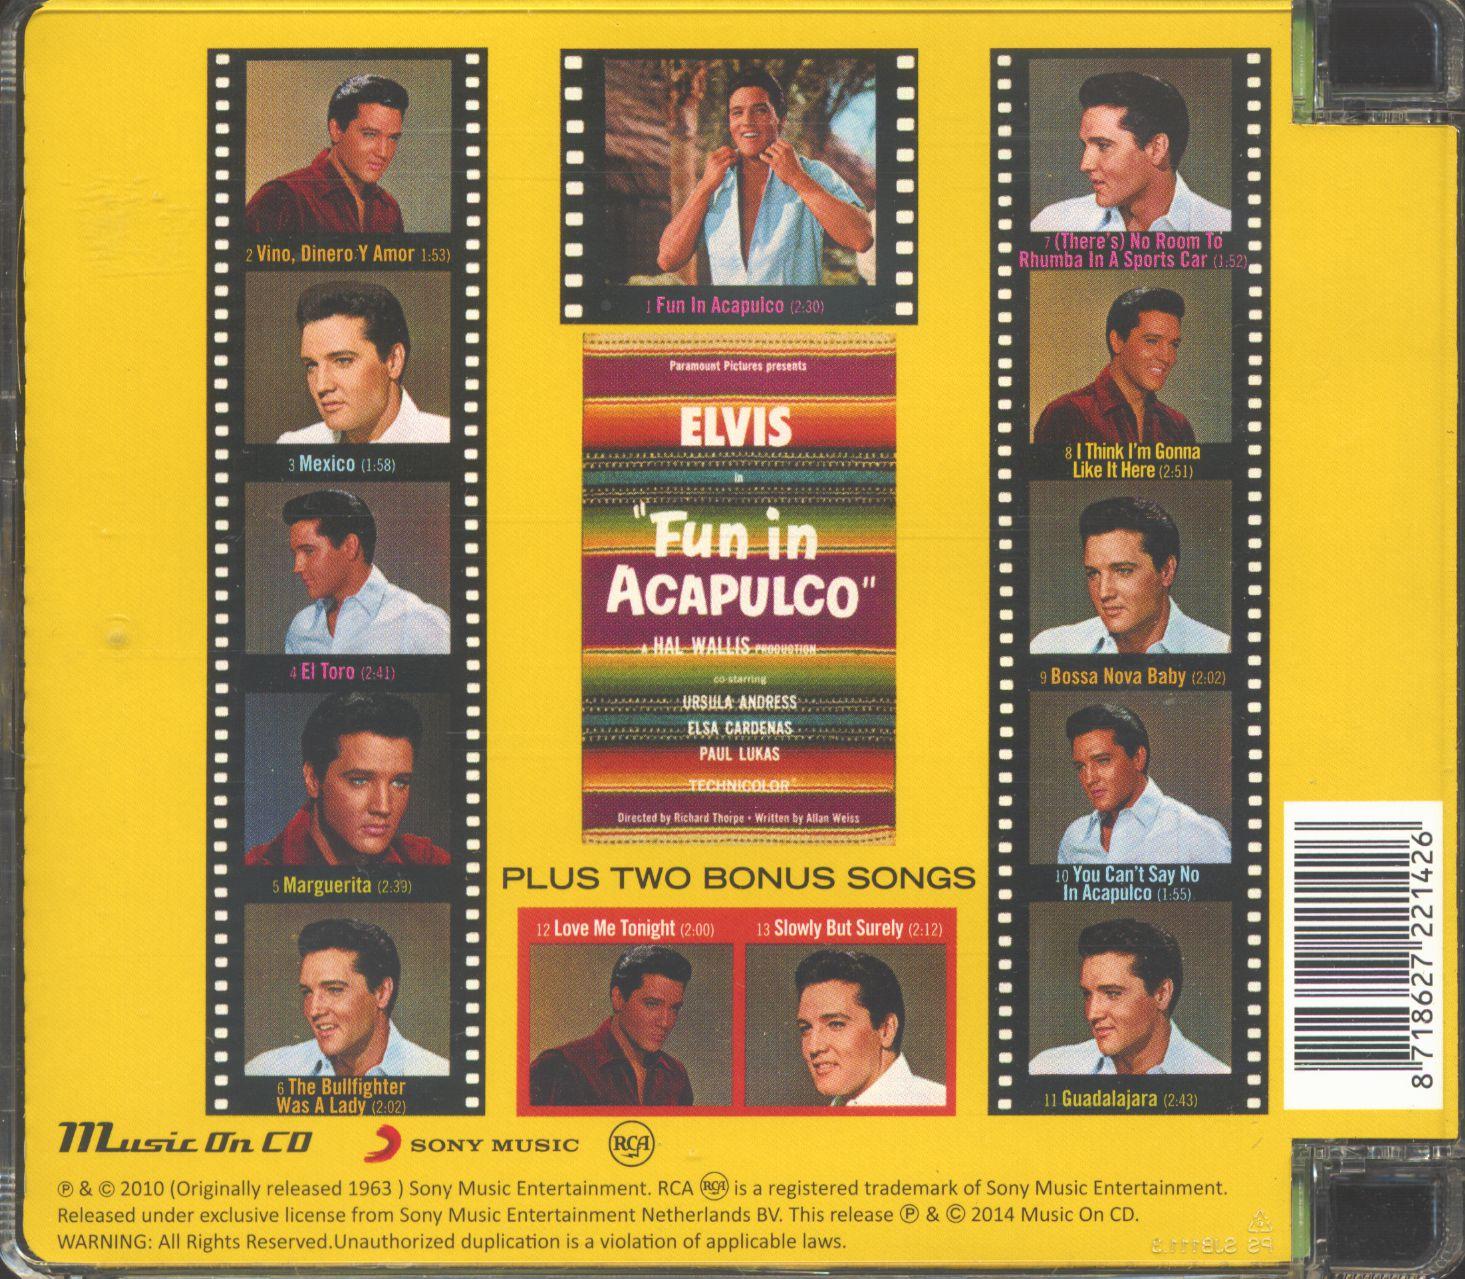 Elvis Presley Fun In Acapulco (CD Soundtrack, EU Version)